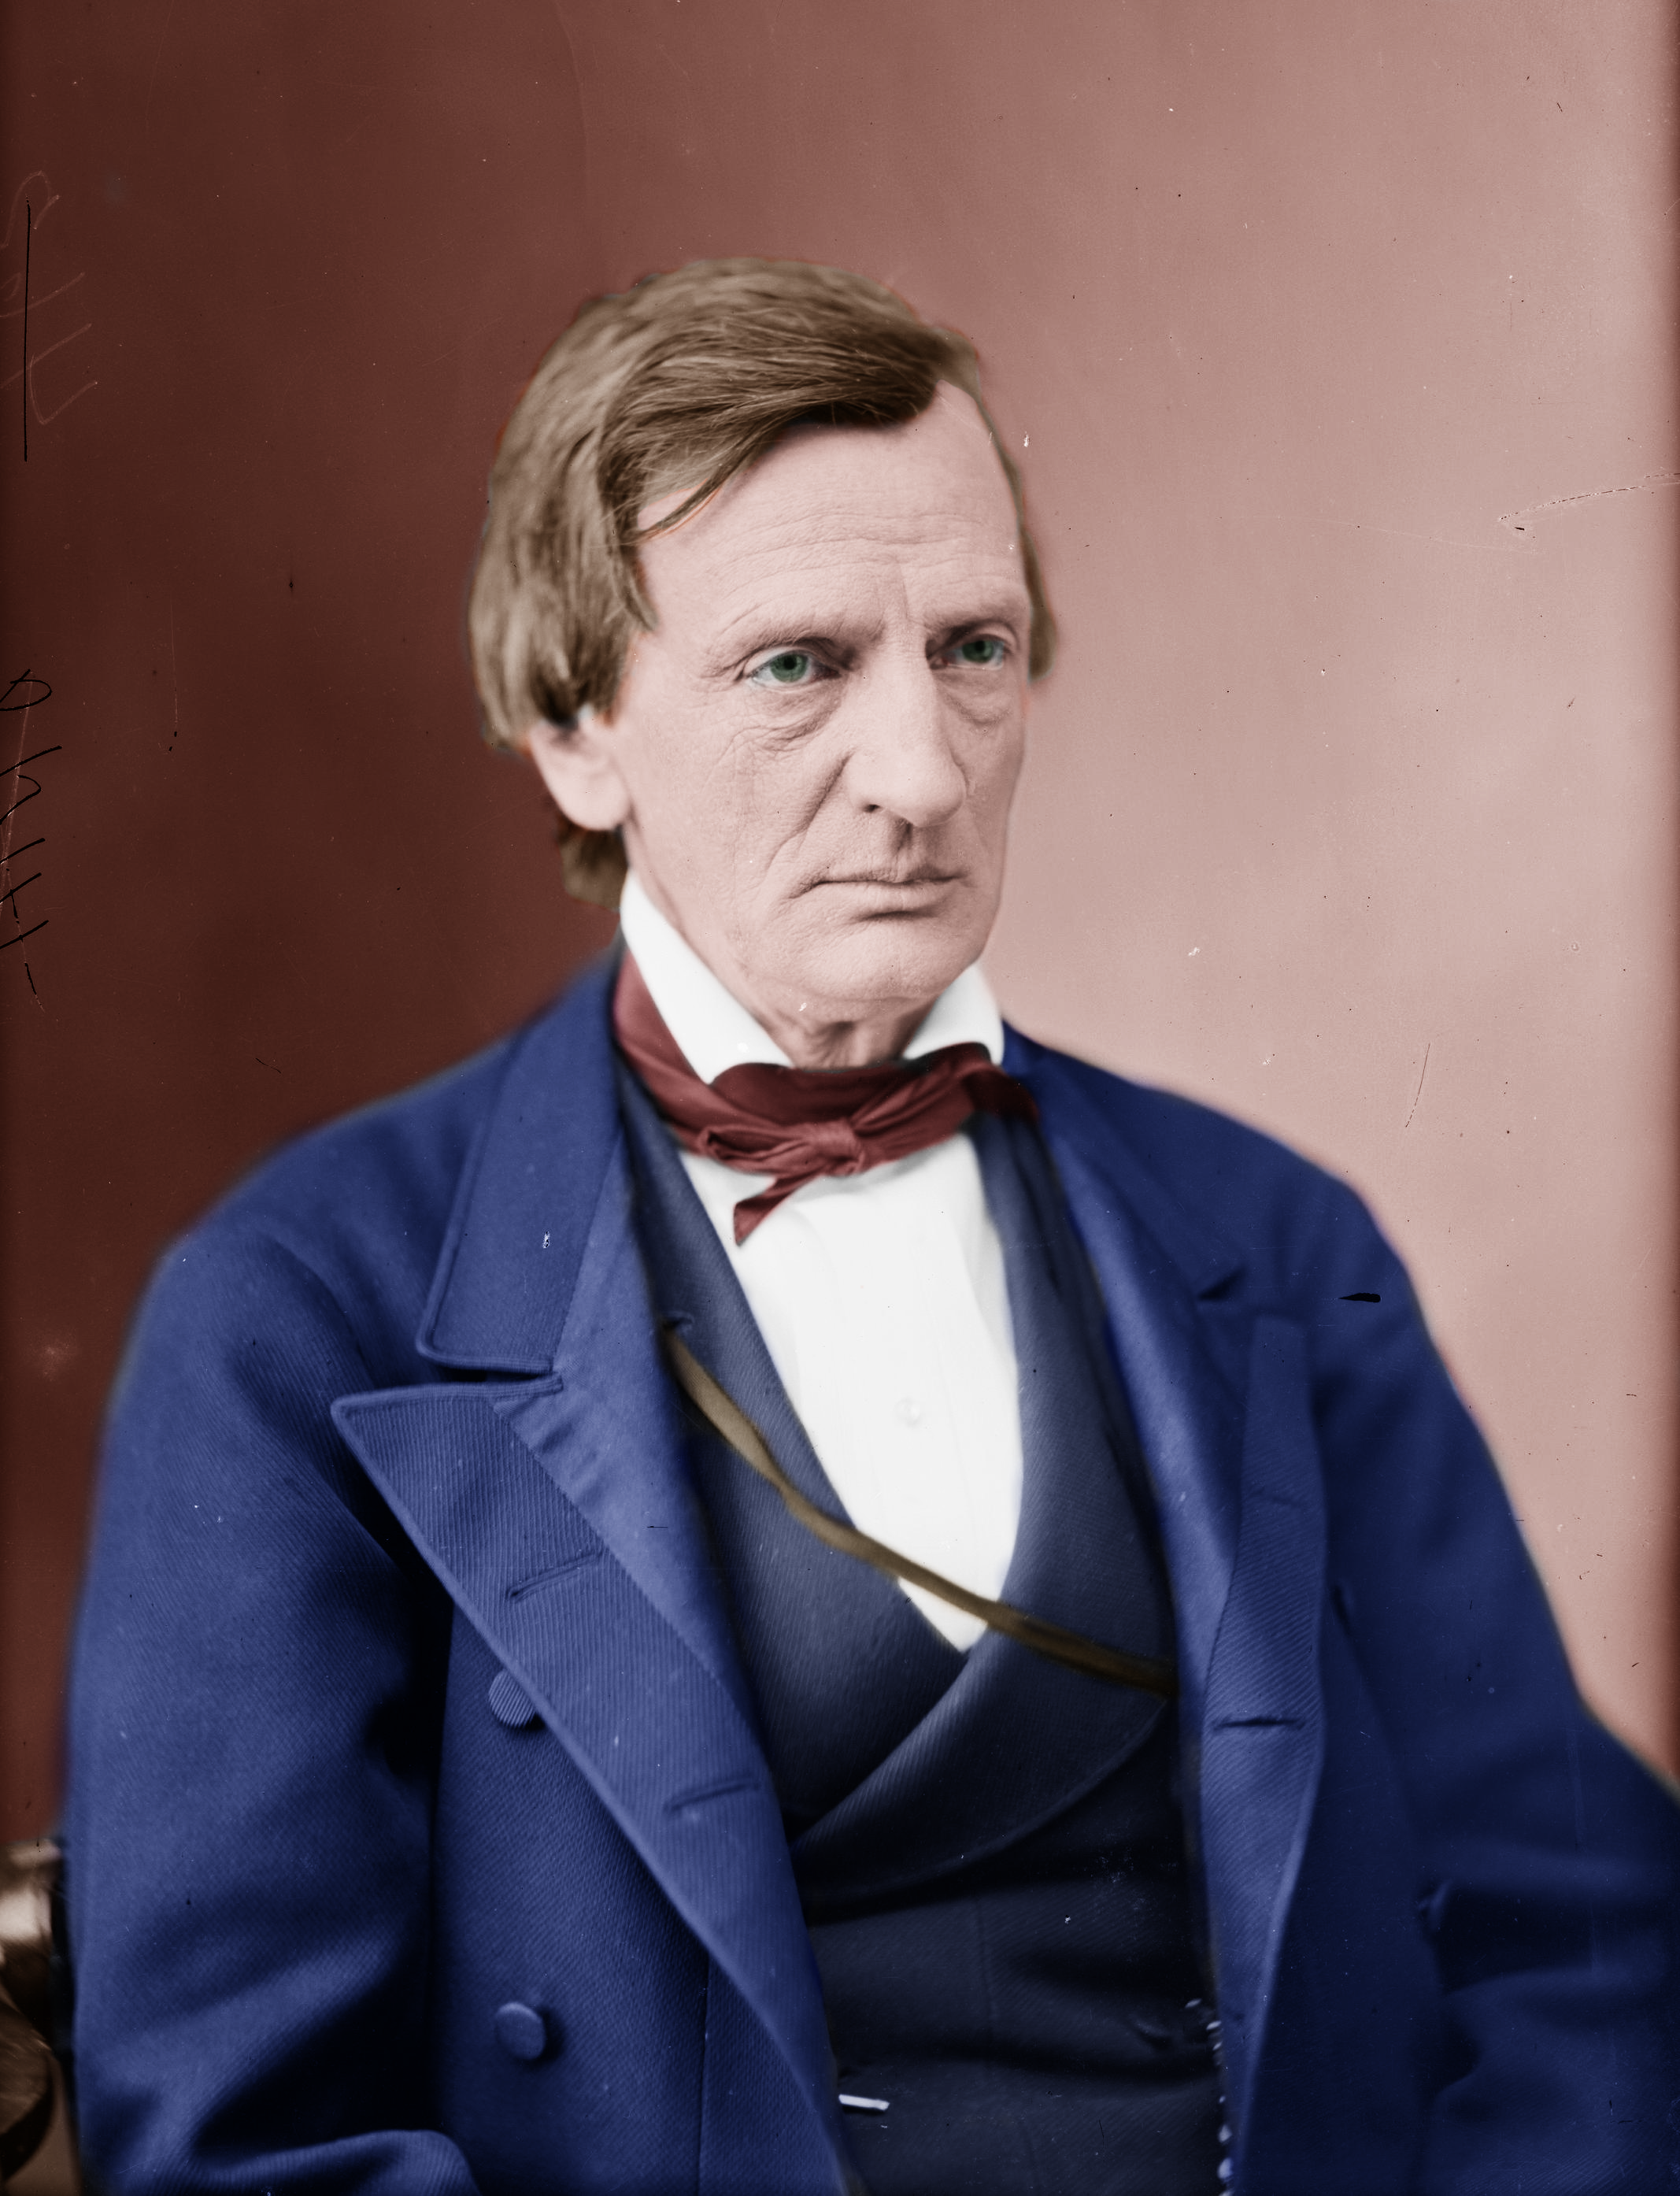 source wikipedia US - photo entre 1865 et 1880 - colorisée - source: reddit.com